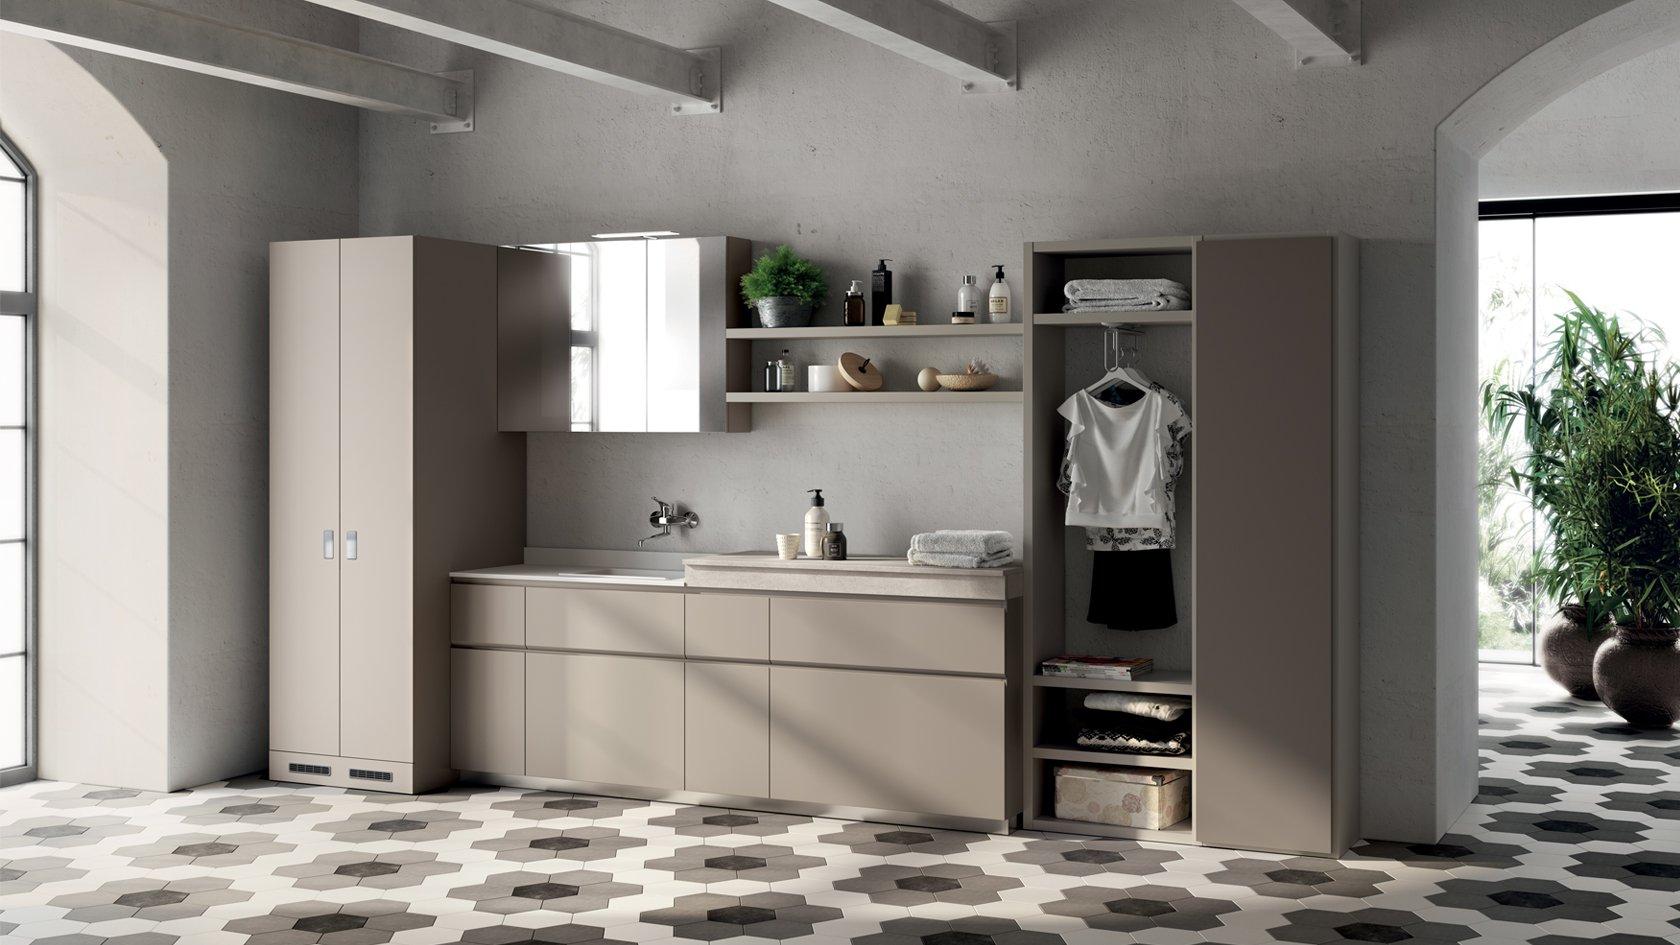 Arredo e mobili per il bagno bellizzi sa montella prisma arredo - Mobili bagno scavolini prezzi ...